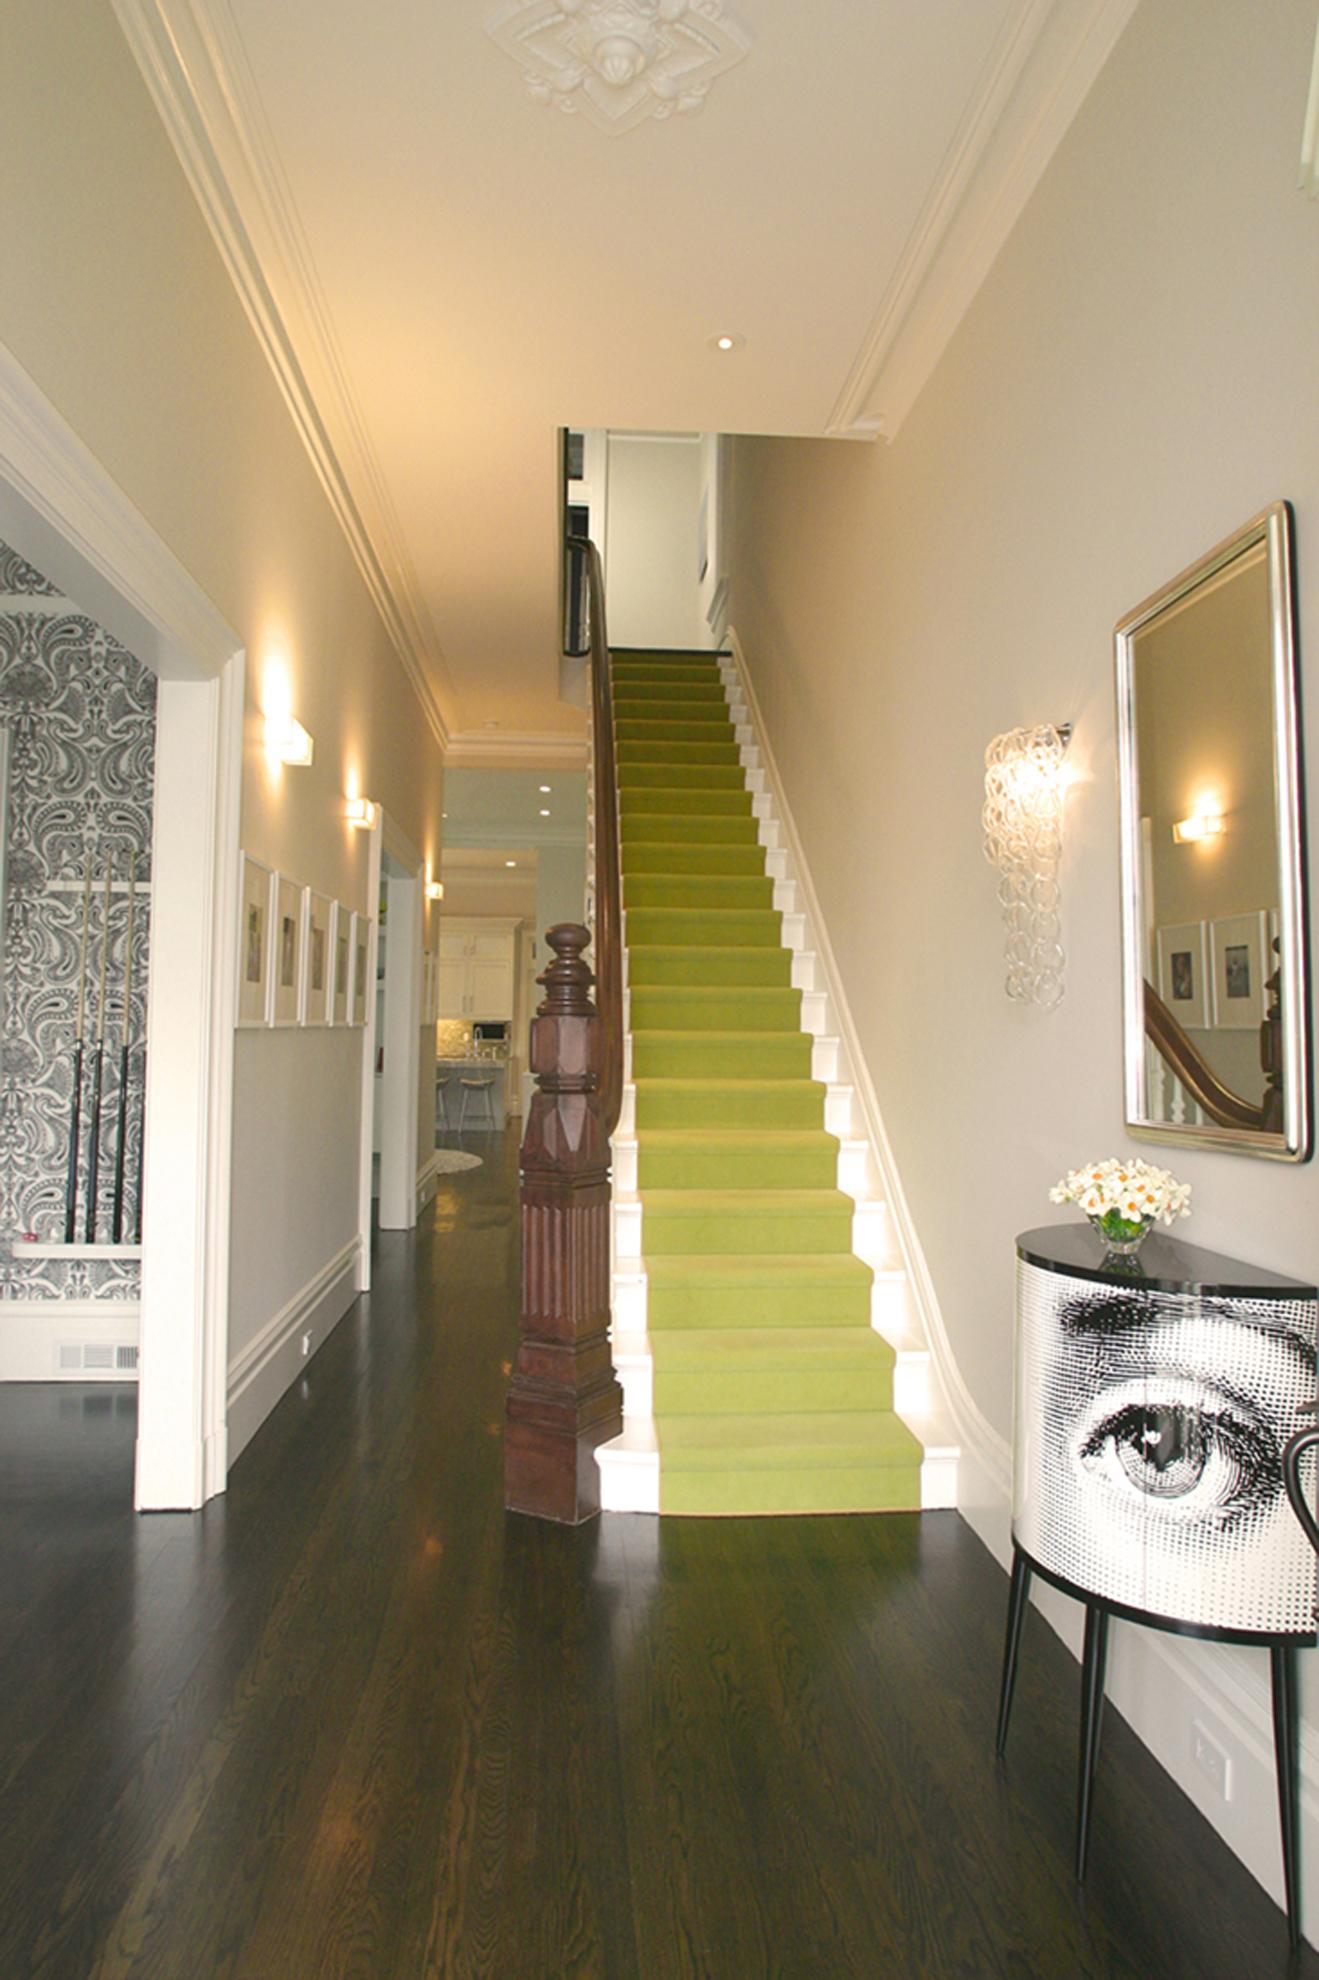 WITT-Foyer & Gallery.jpg